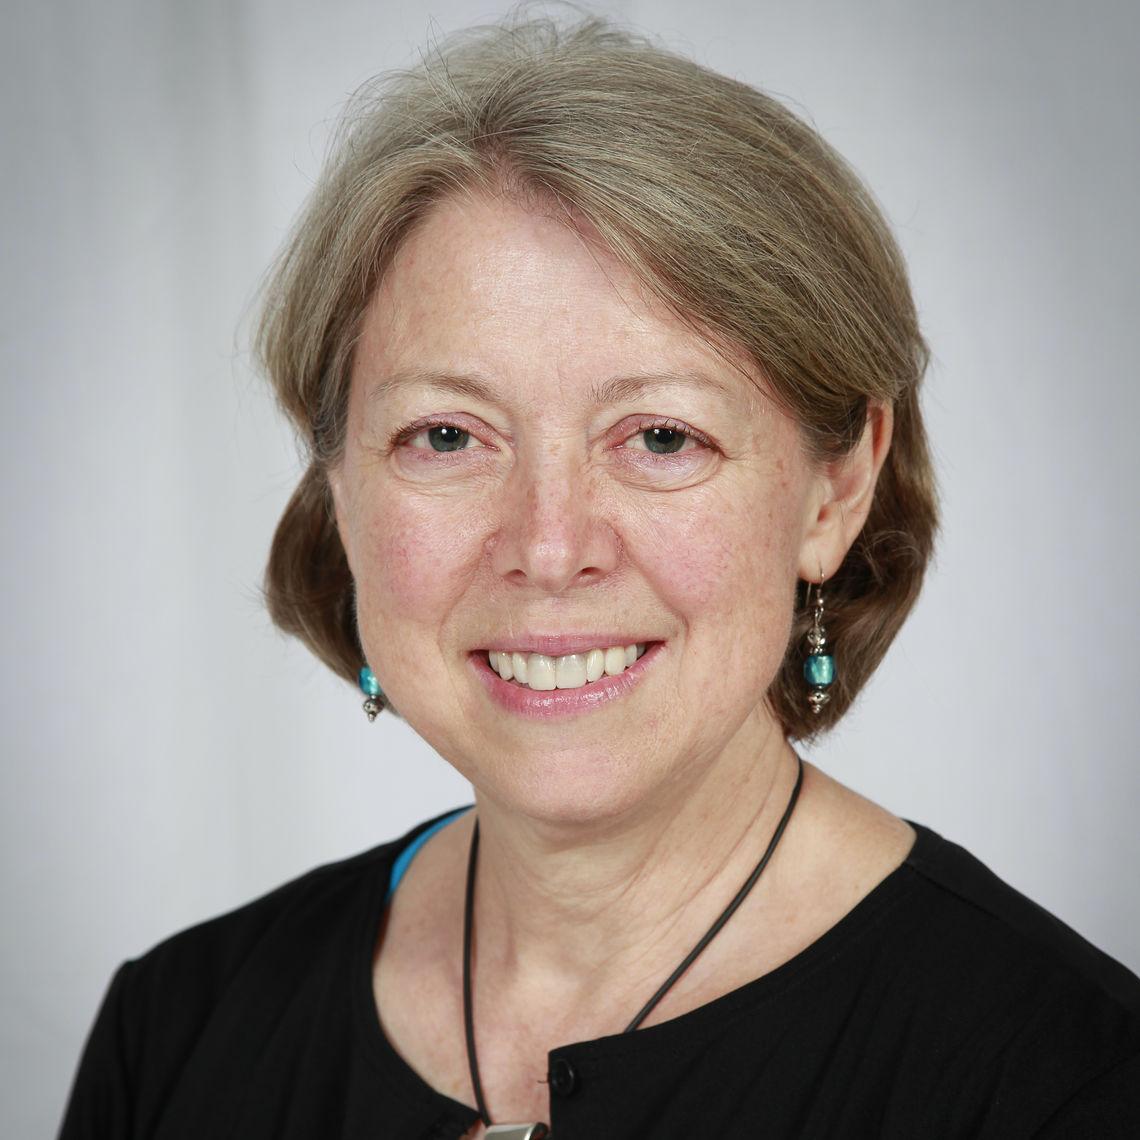 Joan Sipe